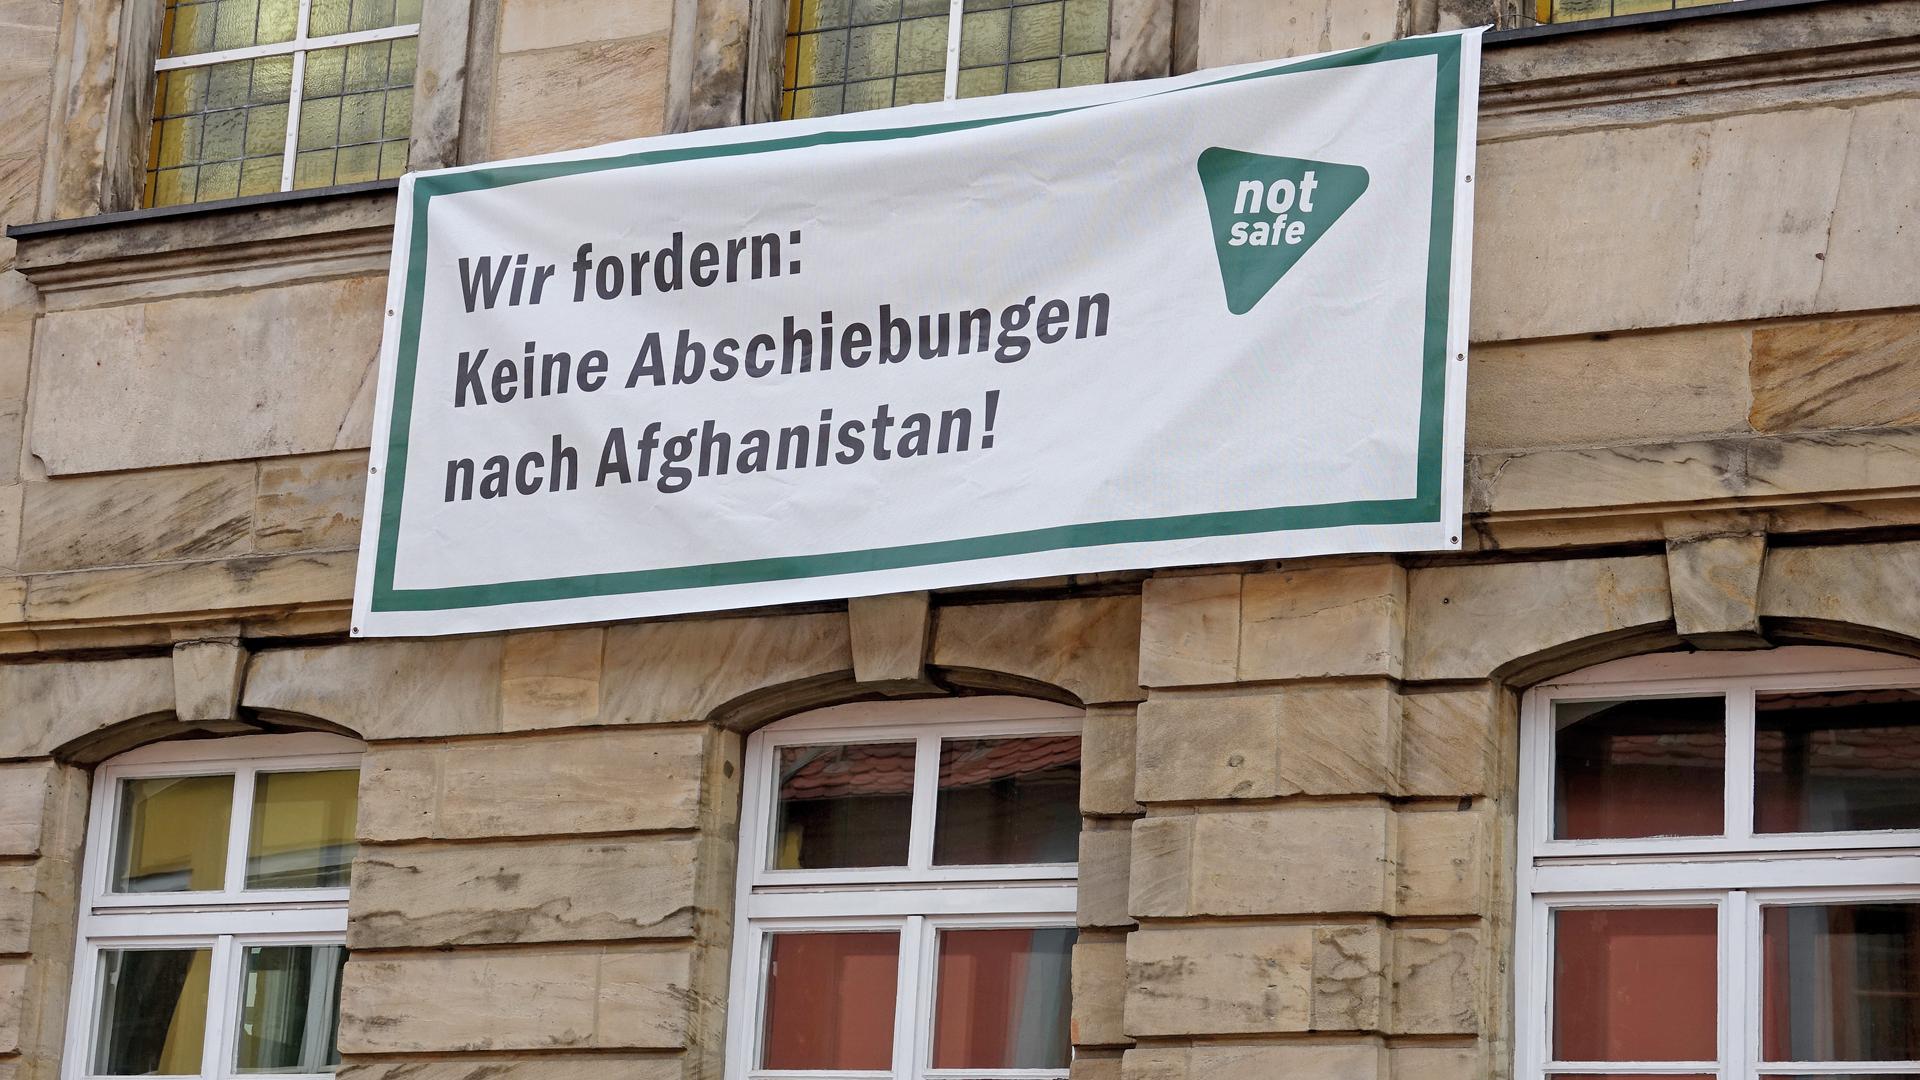 Die evangelisch-reformierte Kirche Bayreuth positioniert sich eindeutig zu Abschiebungen nach Afghanistan